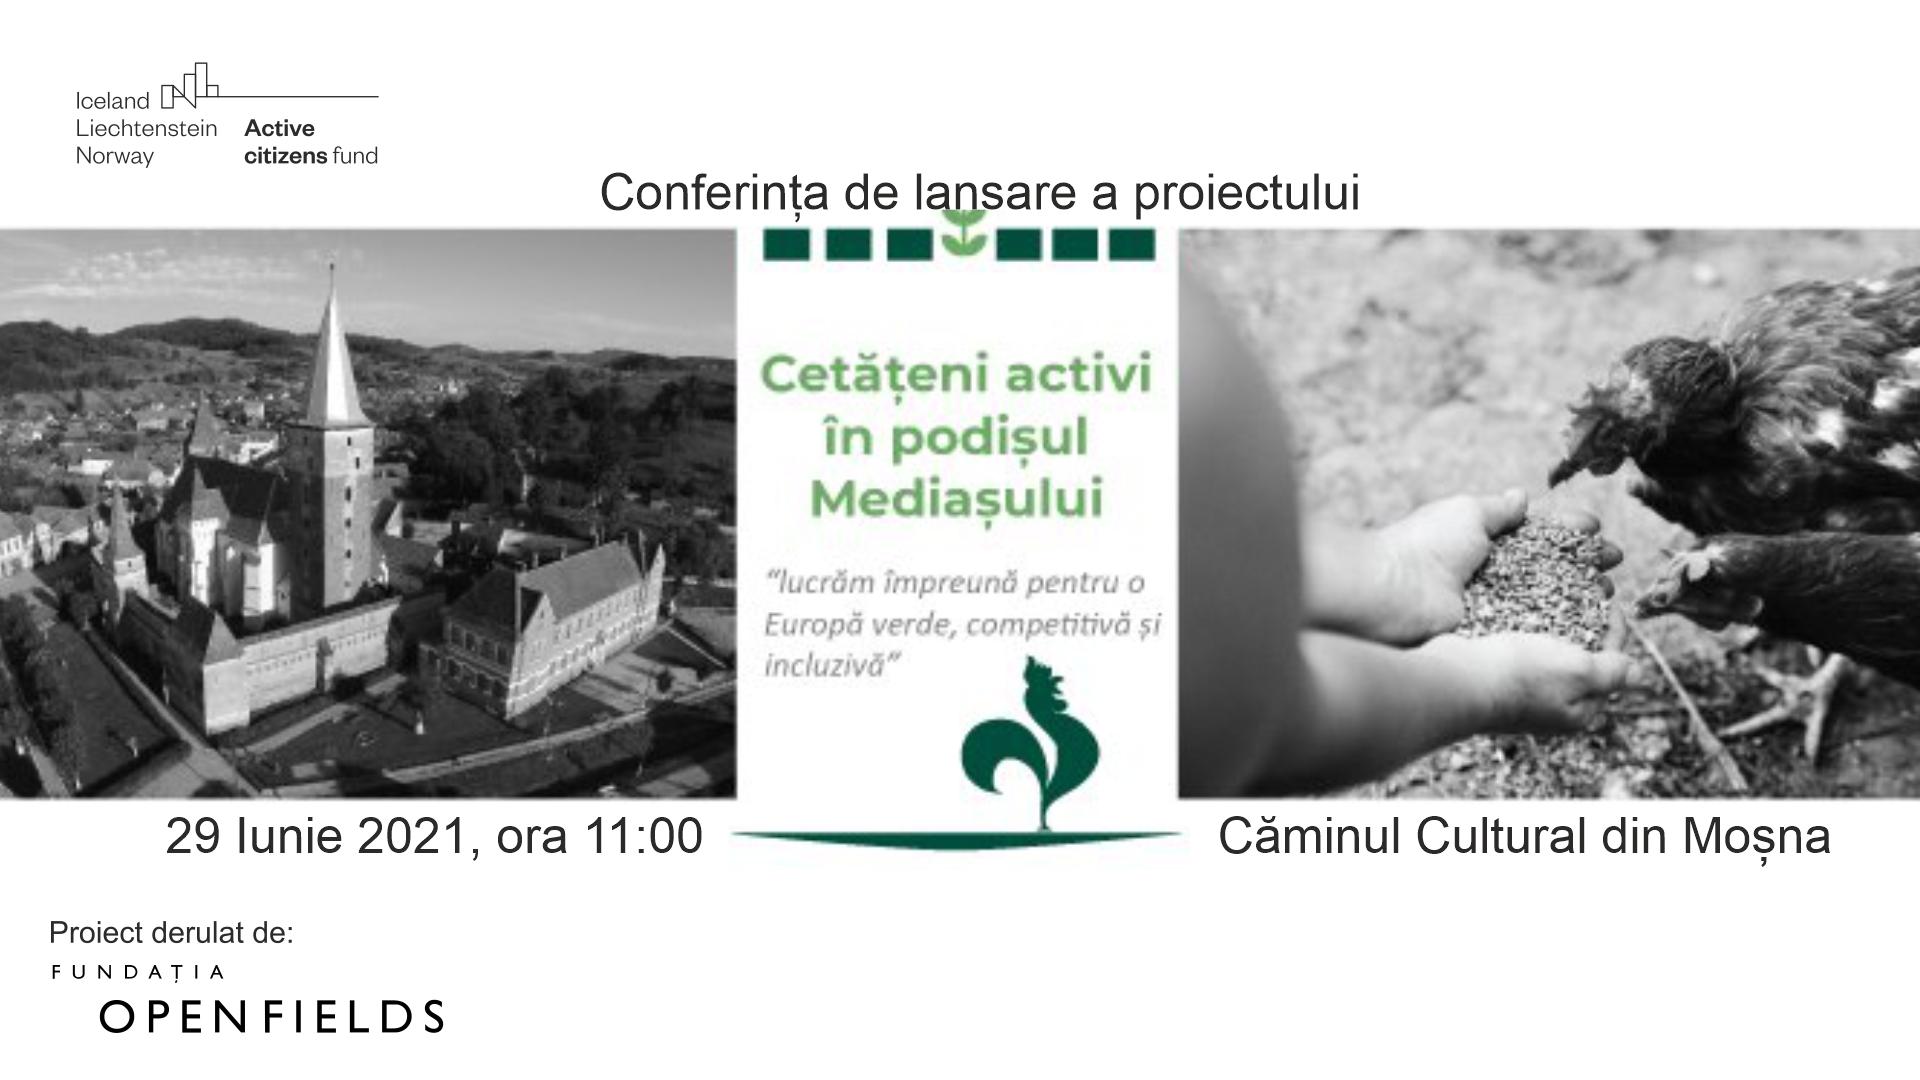 """Conferința de lansare a proiectului  """"Cetățeni activi în Podișul Mediașului"""" 29 Iunie 2021, ora 11:00, Căminul Cultural din Moșna"""